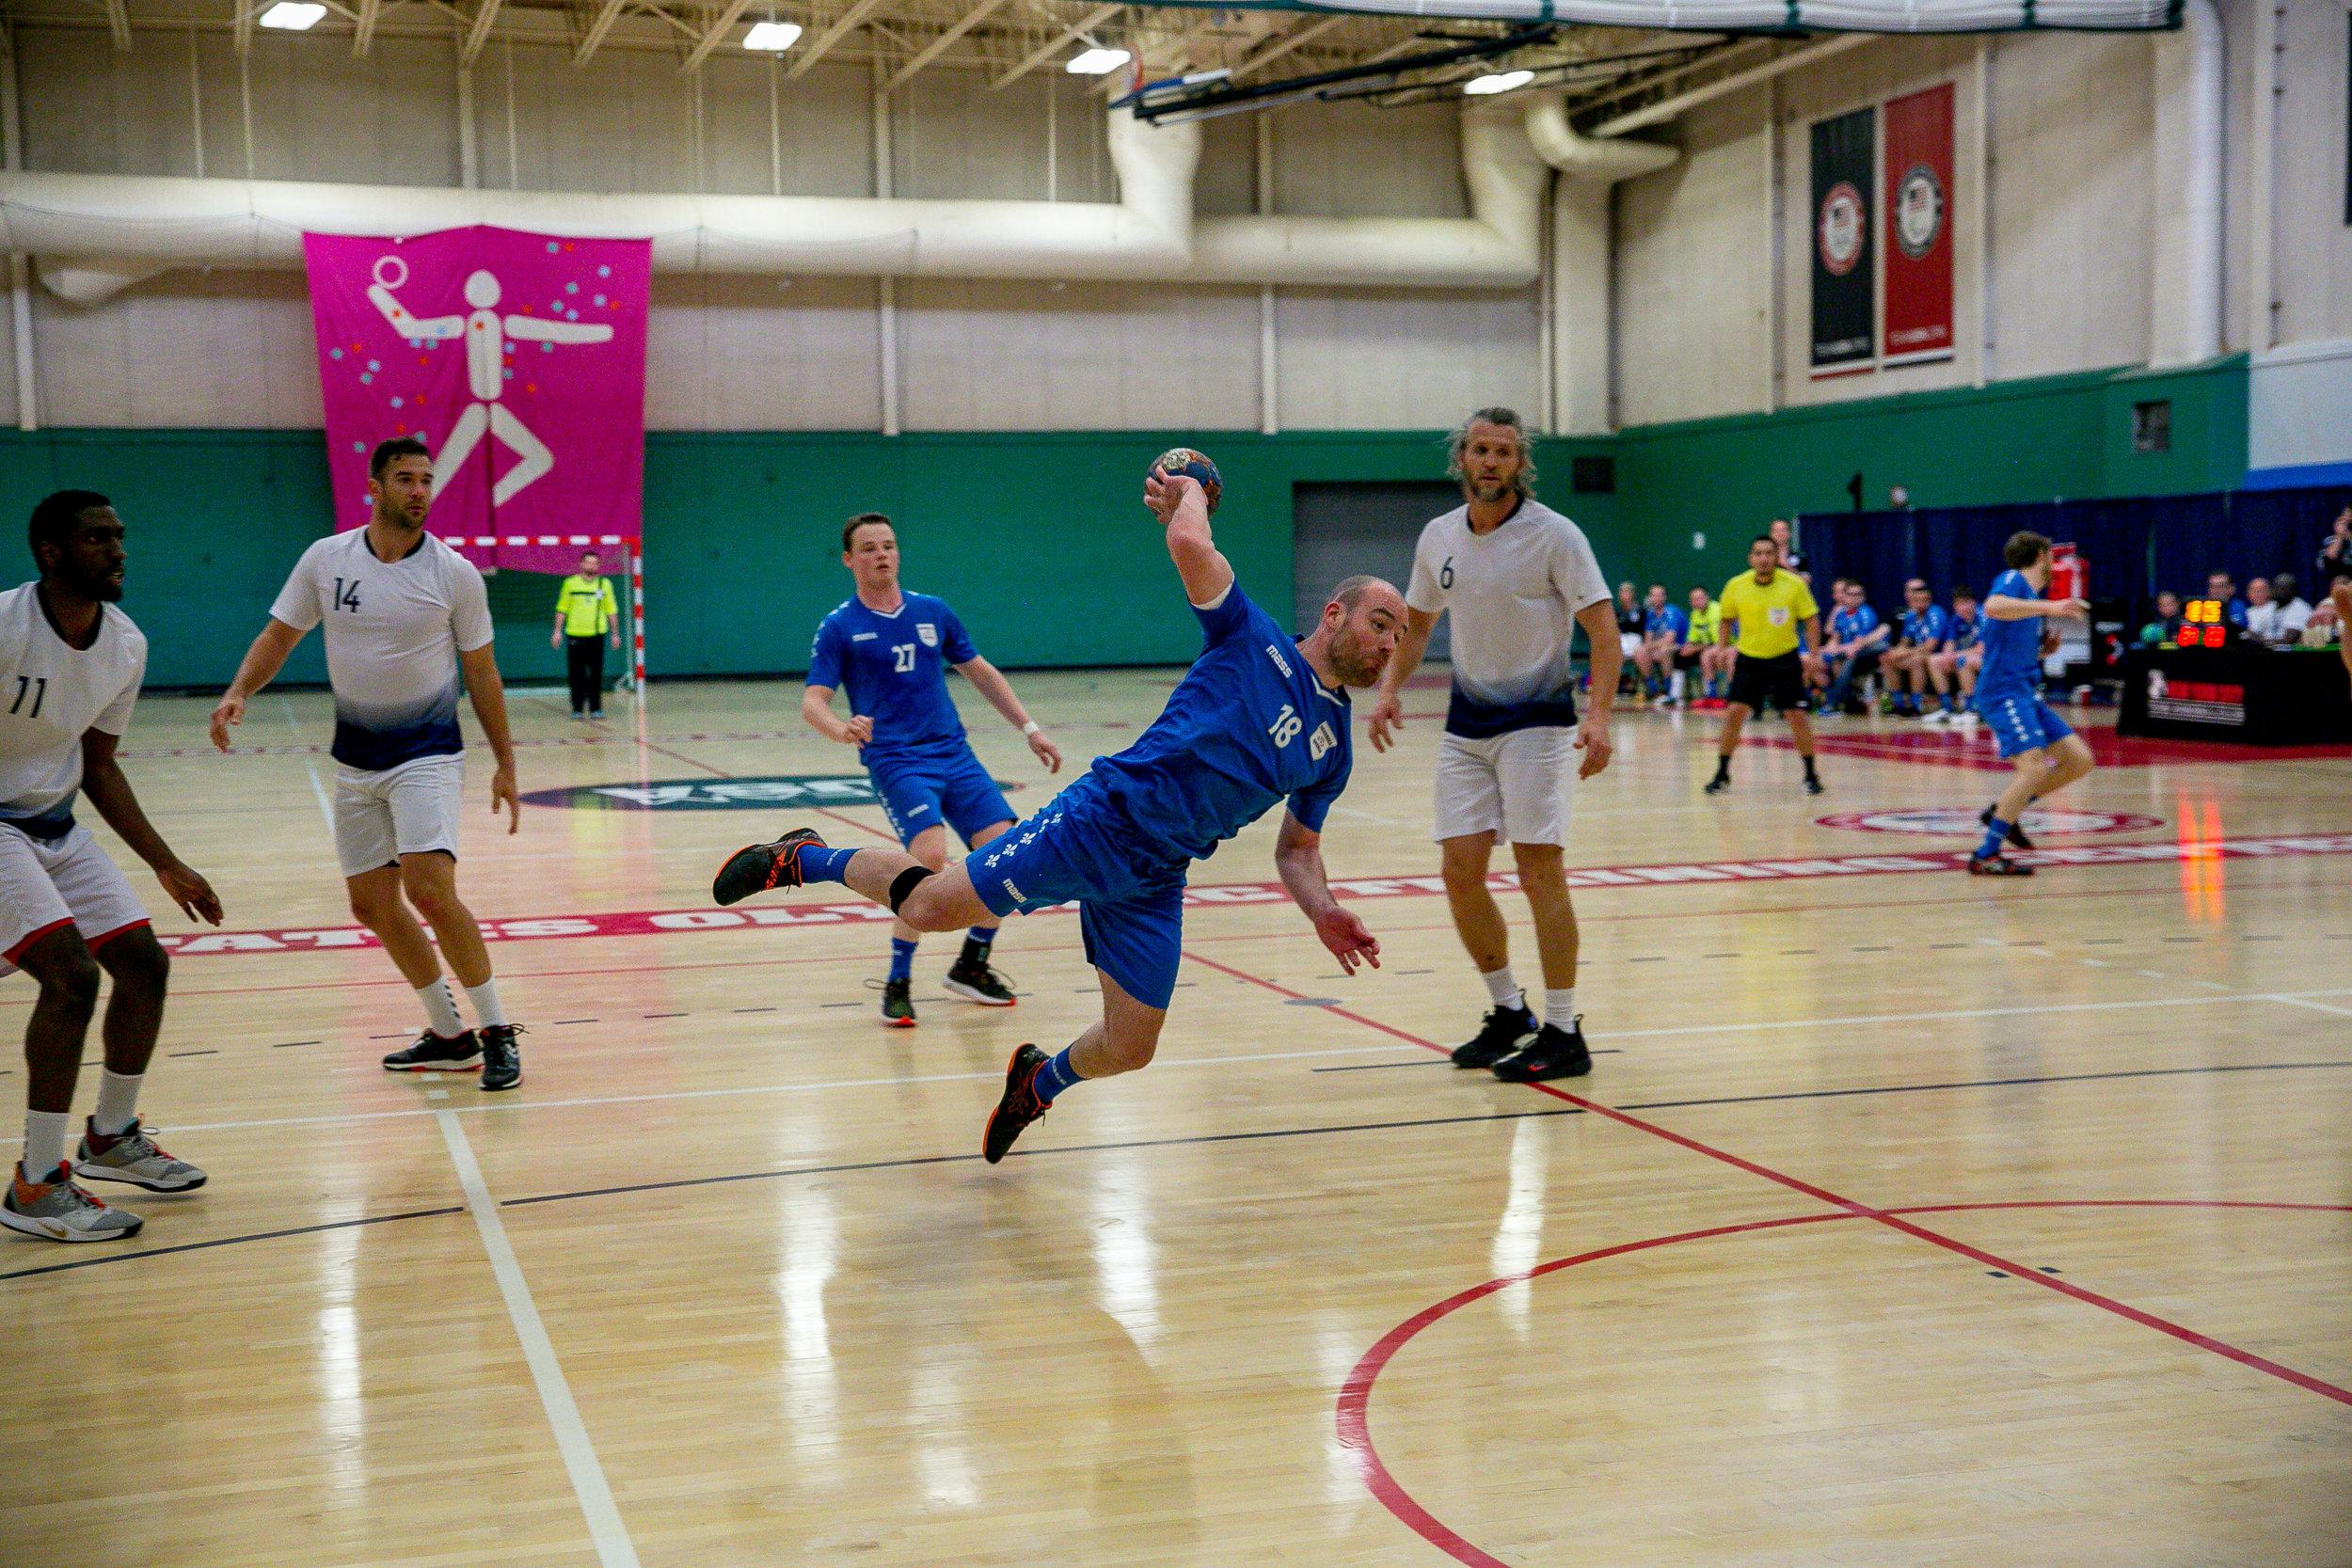 Handball Day 2 (9 of 11).jpg